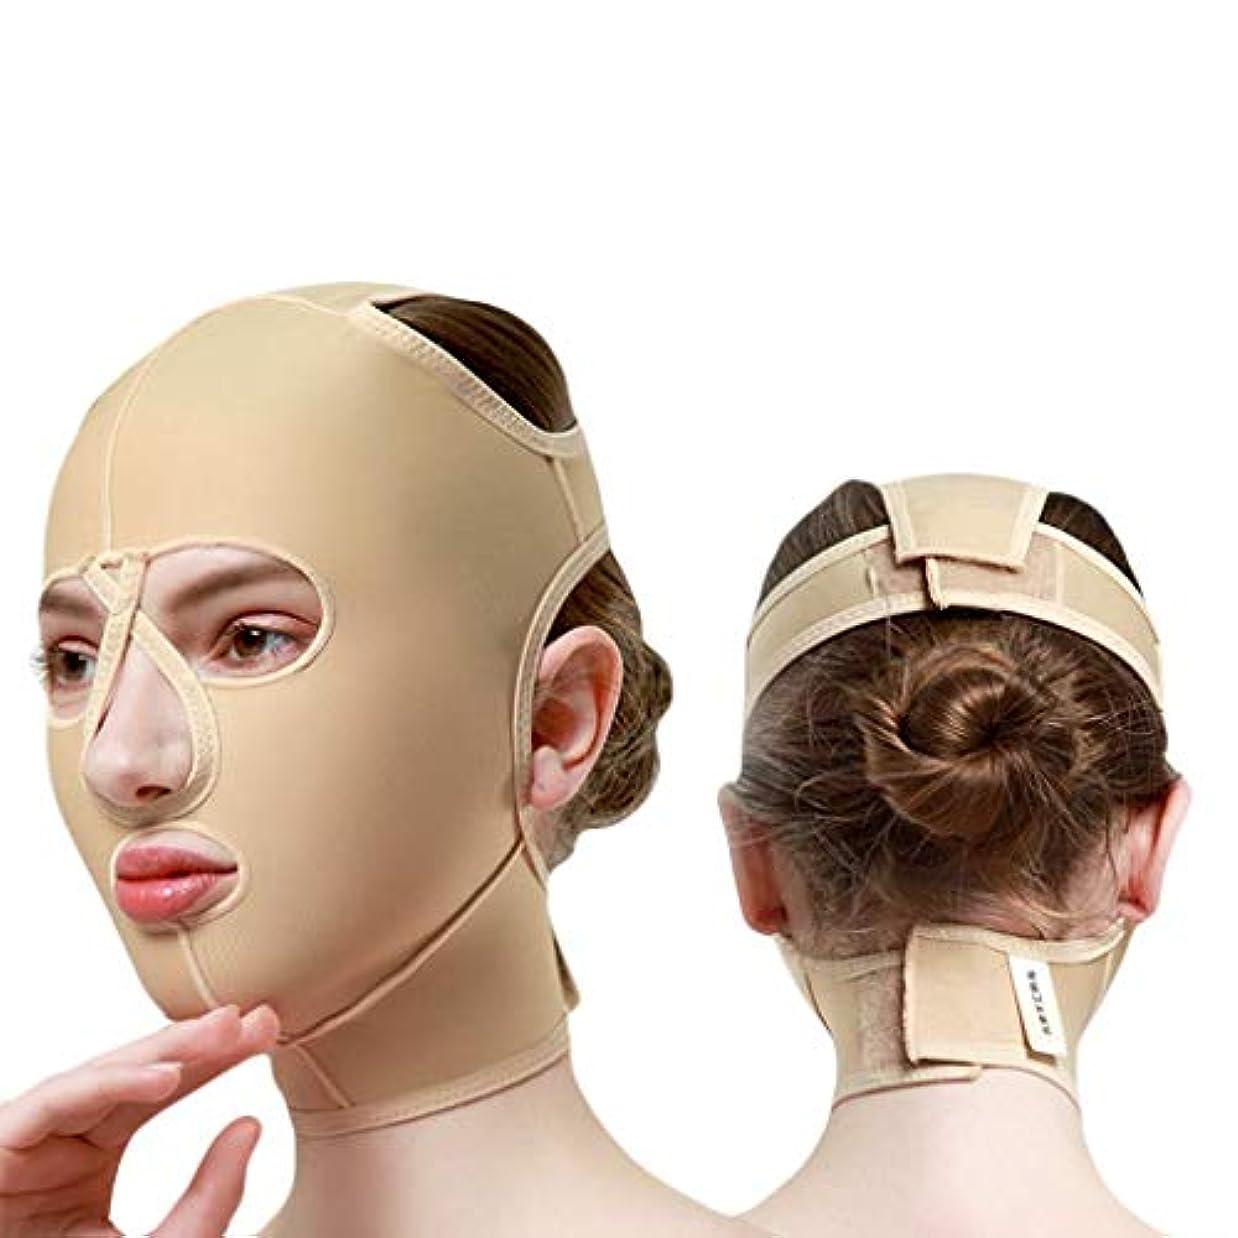 摩擦湿った長老チンストラップ、顔彫りツール、リフティングマスク、ダブルチンリデューサー、フェイスリフティングエラスティックマスクメス(サイズ:M),S